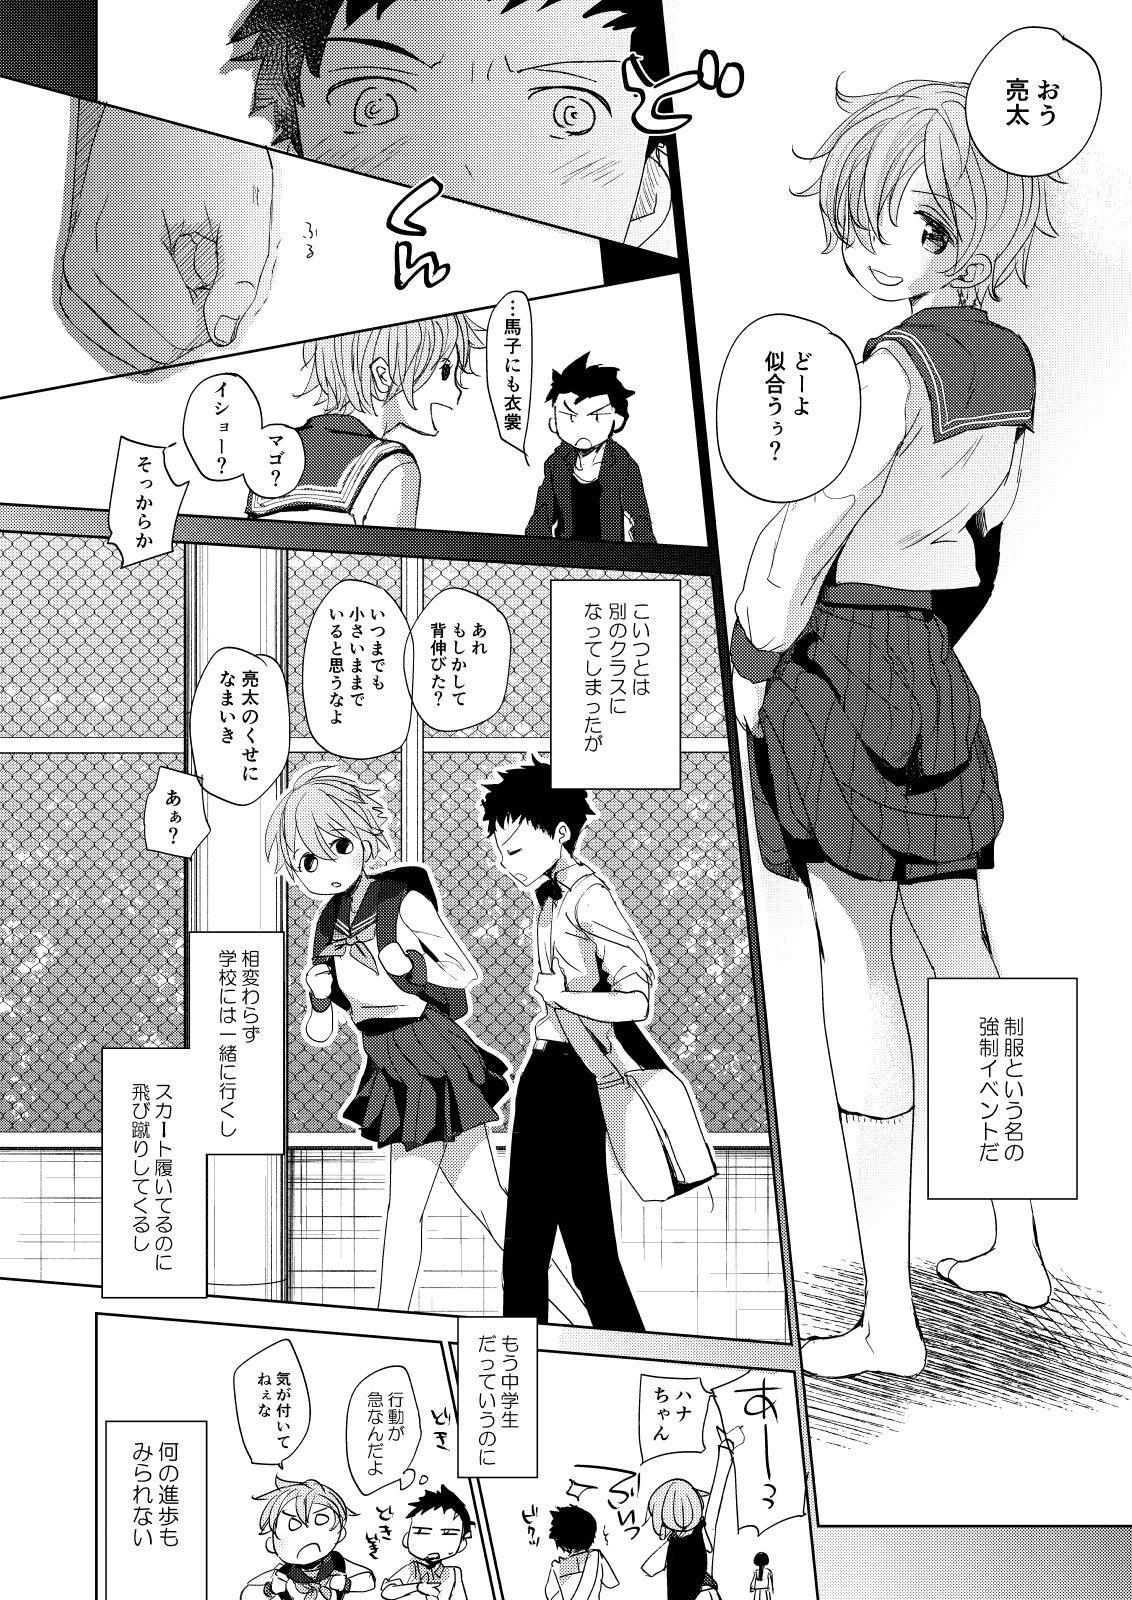 Ore no Himitsu Kichi 8